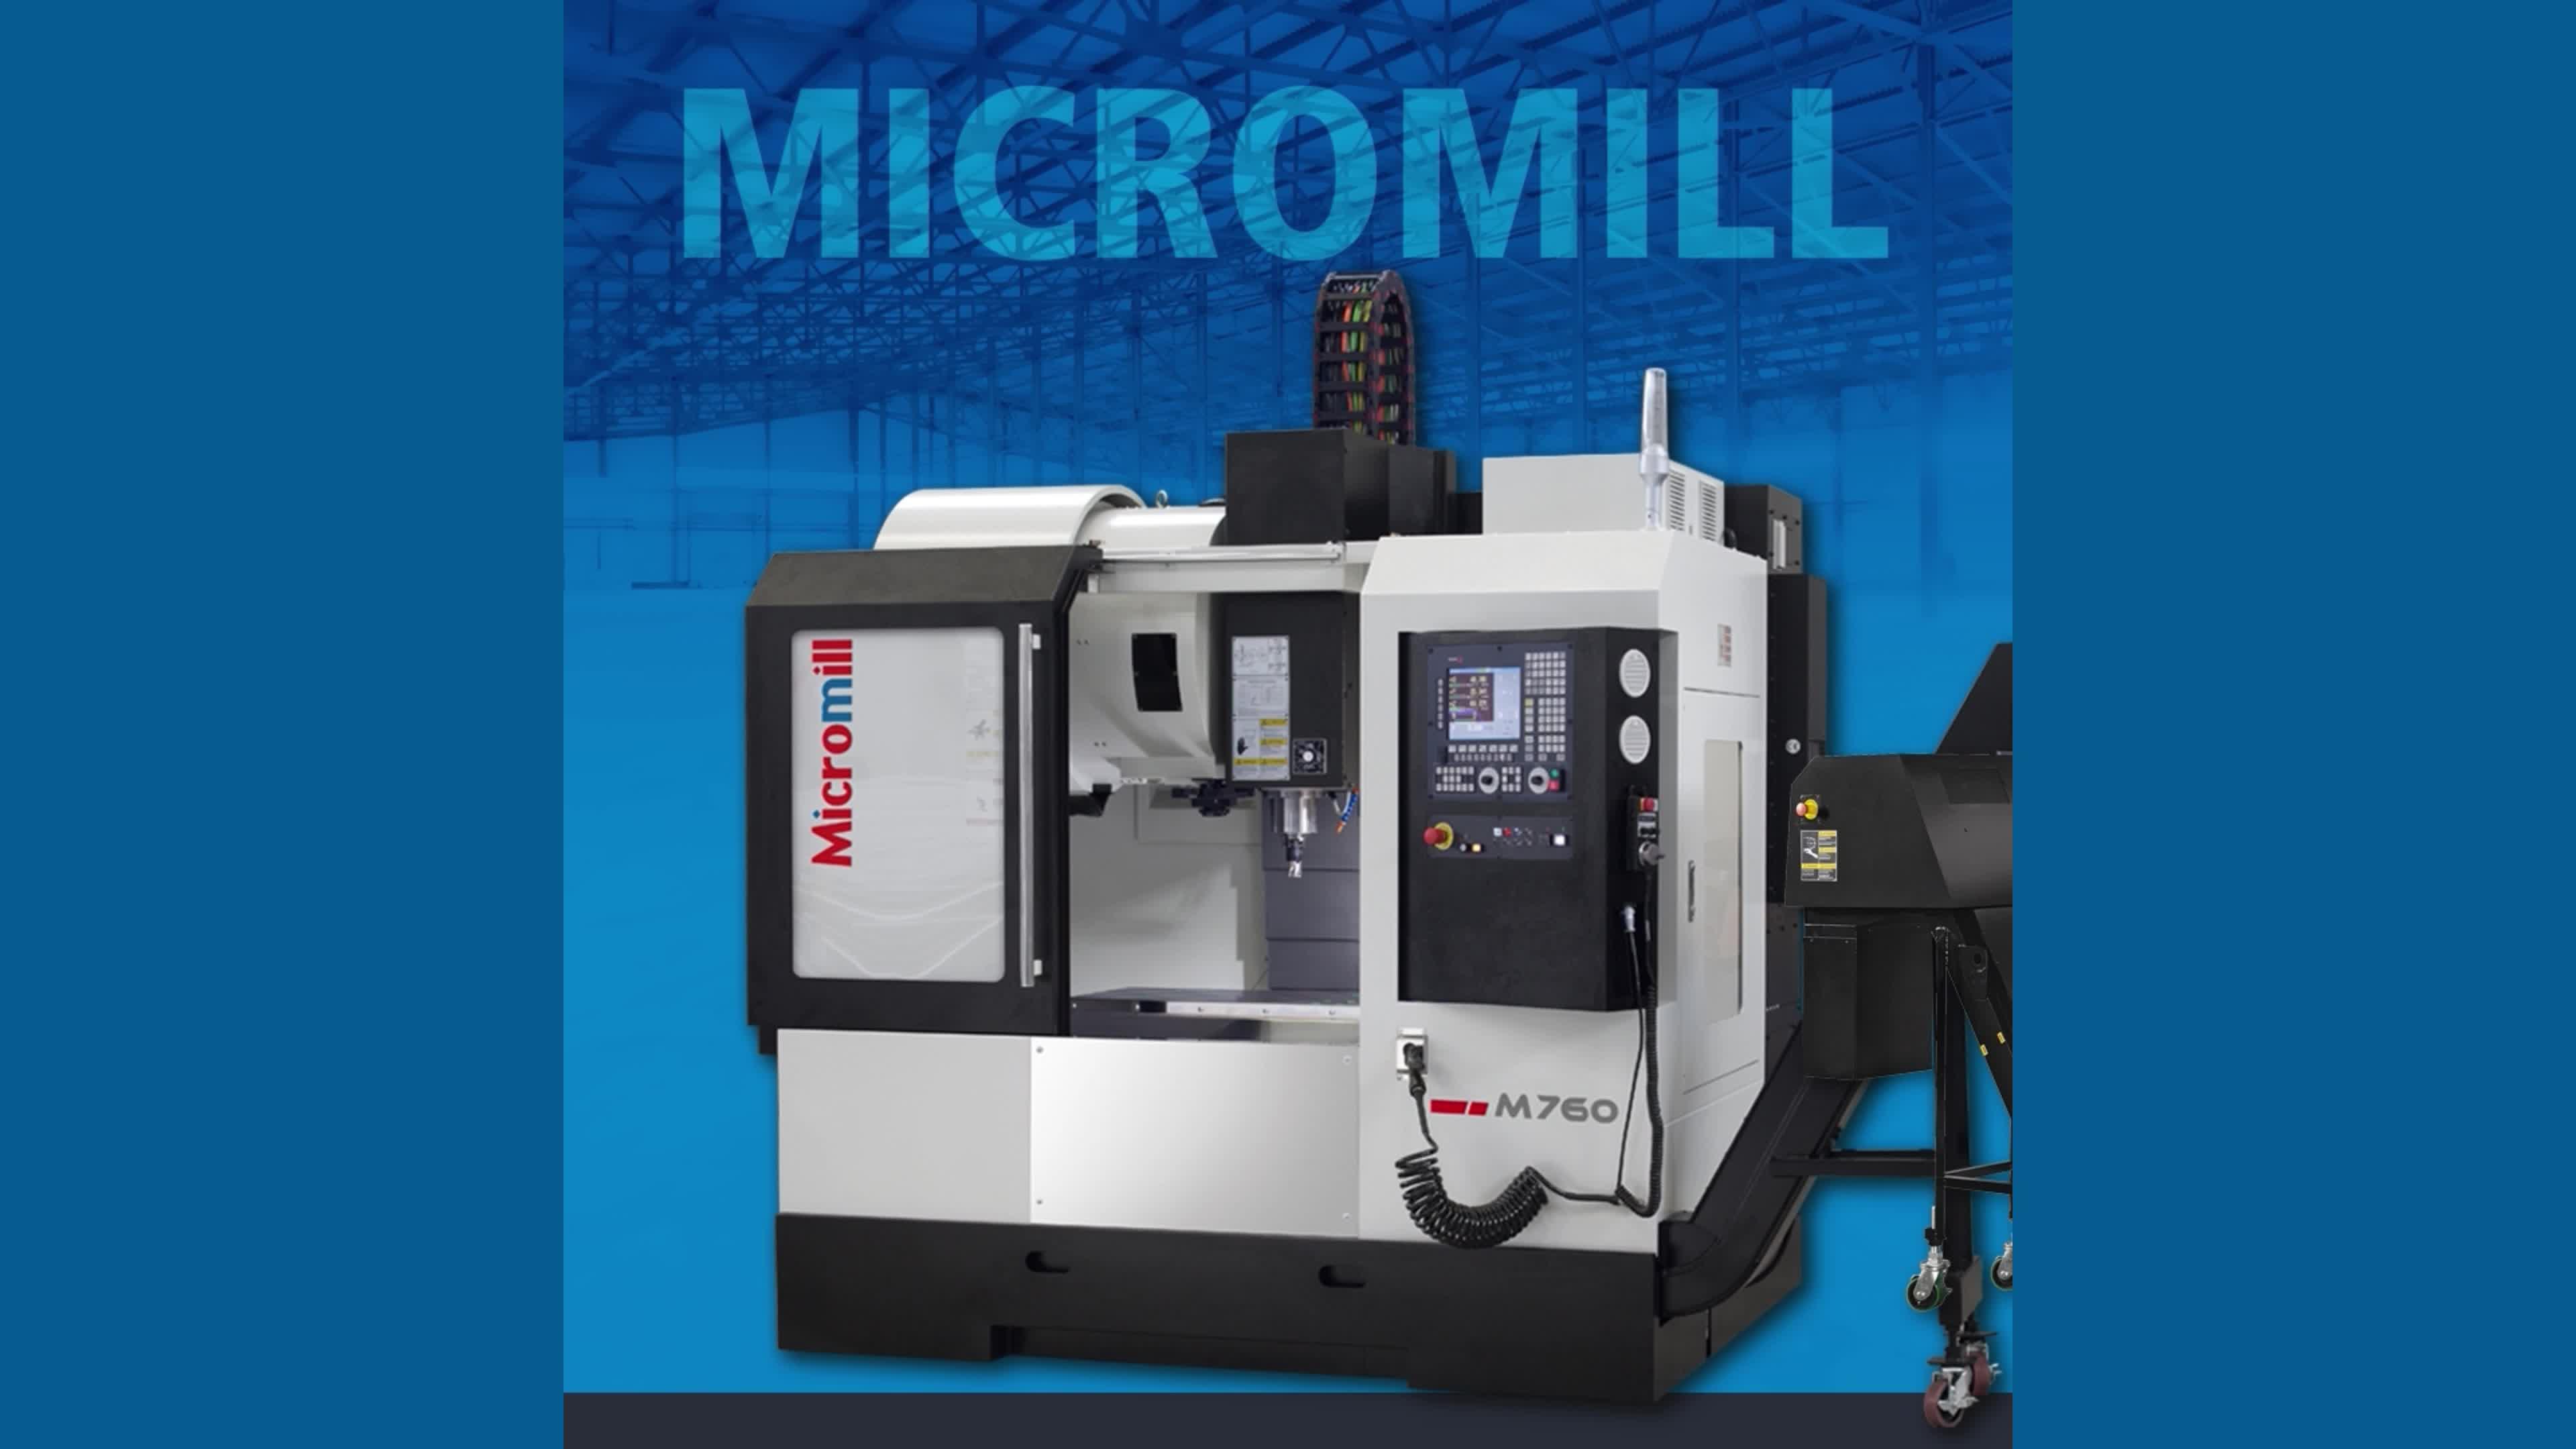 MICROMILL, CNC-Vertikal Bearbeitungszentren